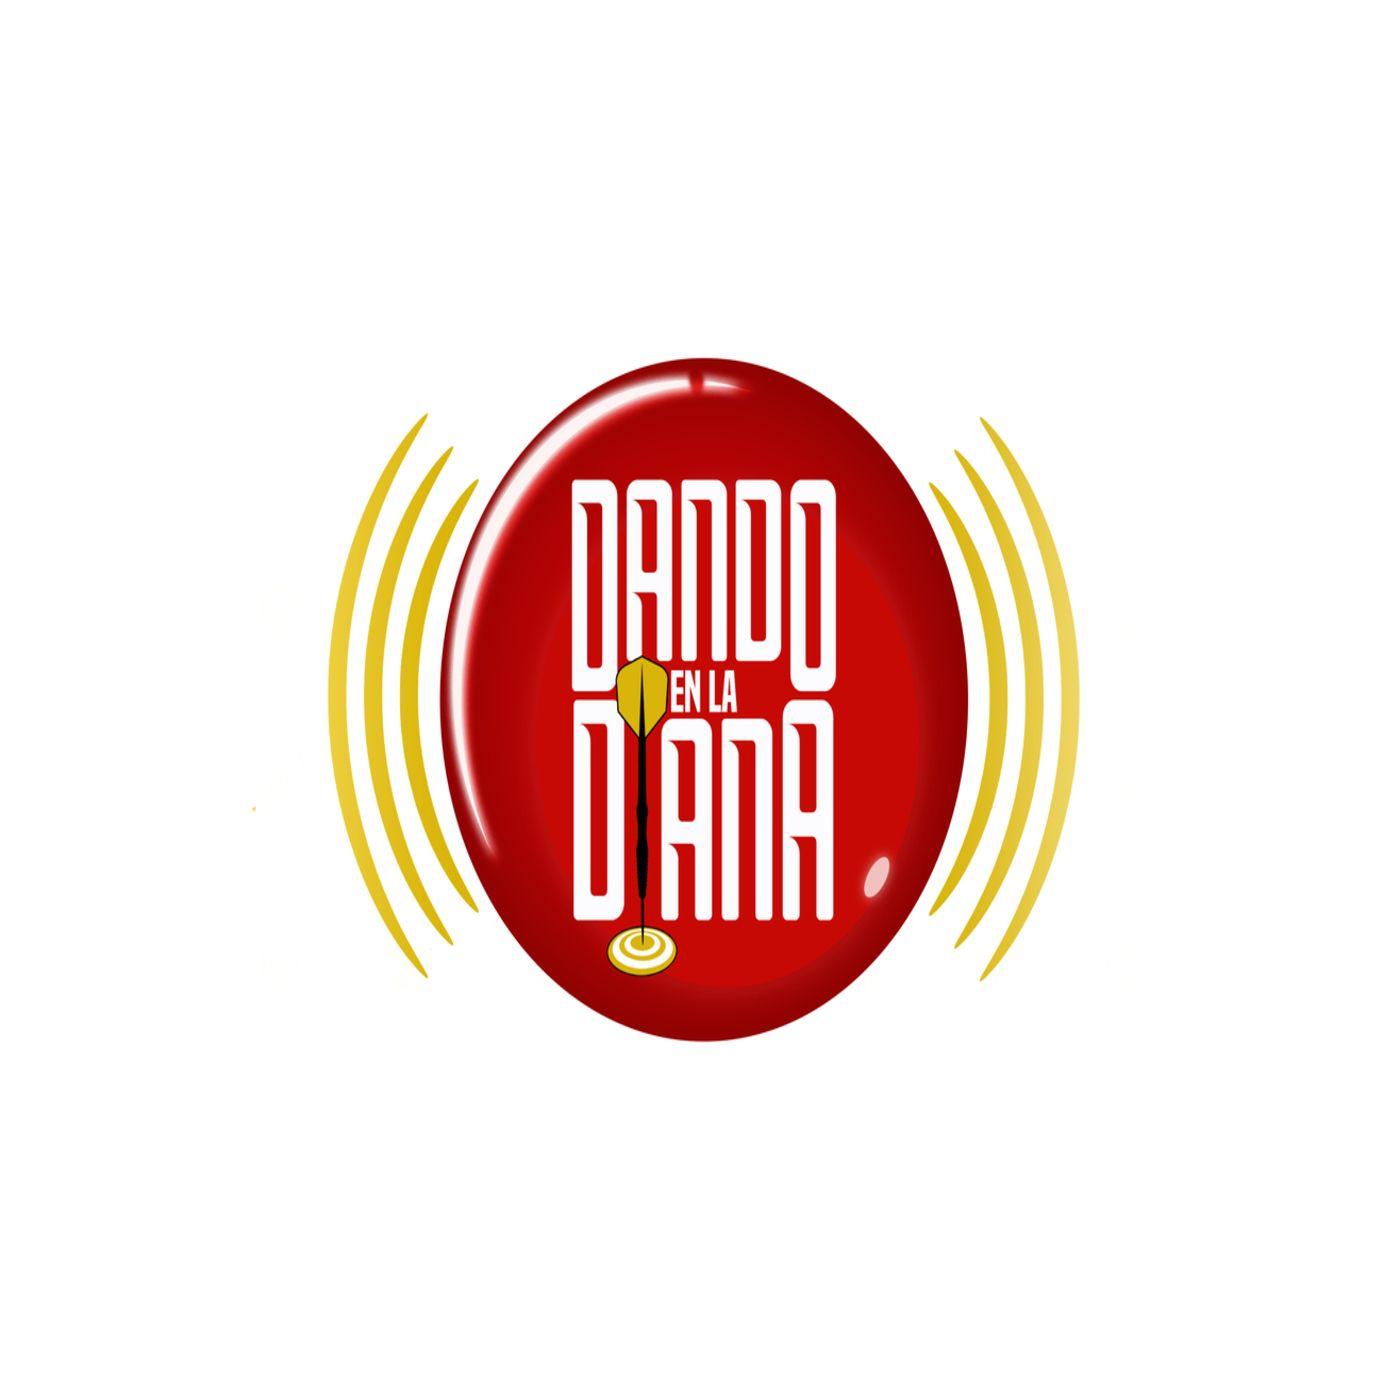 Dando en la Diana - Episodio 75 - 11 Diciembre 2020 - Diomary La Mala / José Ángel Morván